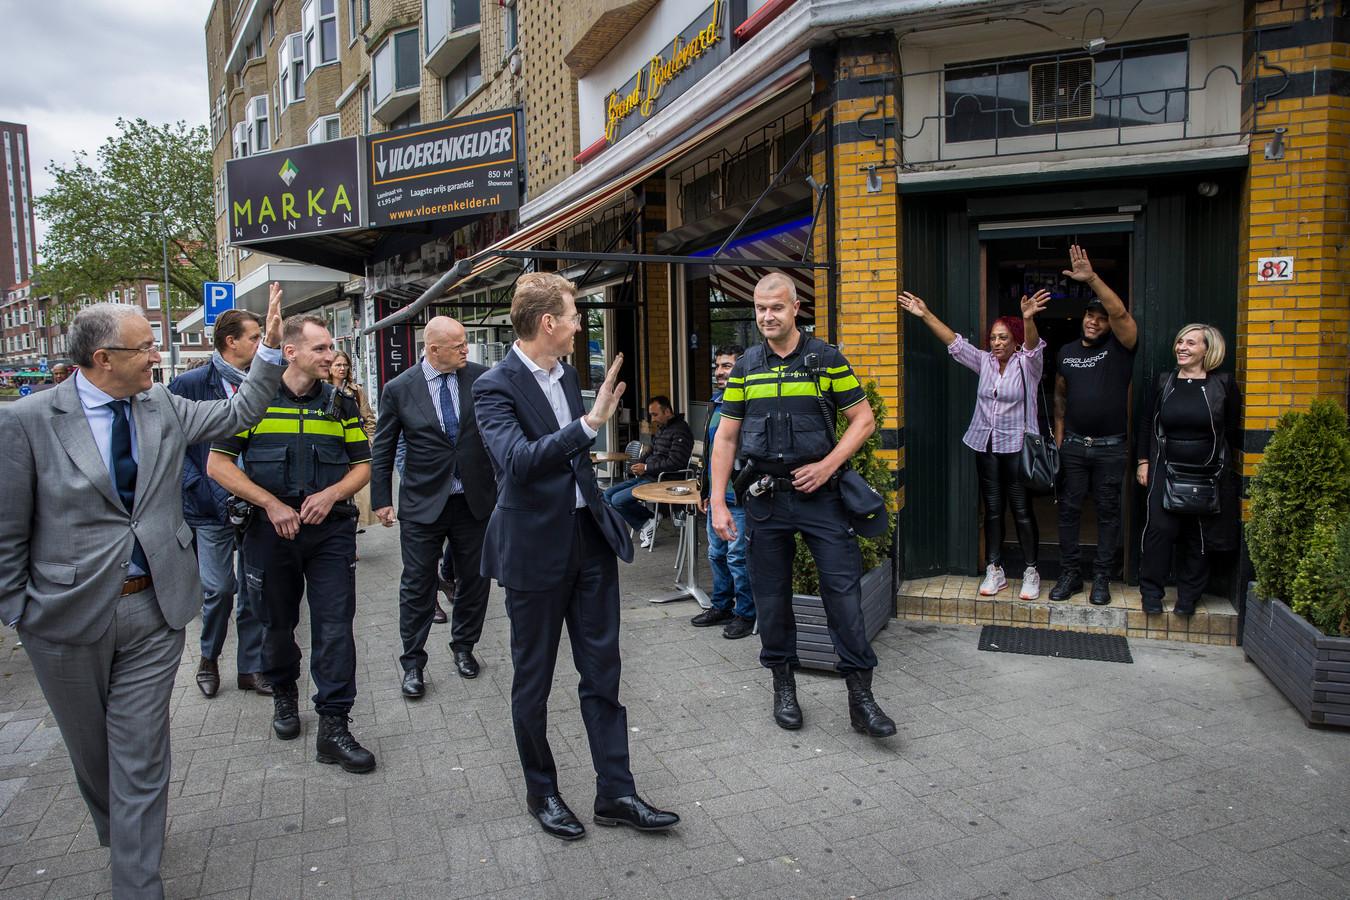 """Tijdens een werkbezoek aan de Beijerlandselaan in Rotterdam worden ministers Grapperhaus en Dekker en burgemeester Aboutaleb toegezwaaid. ,,Burgemeester, I love you"""", roept de vrouw in de gestreepte blouse."""